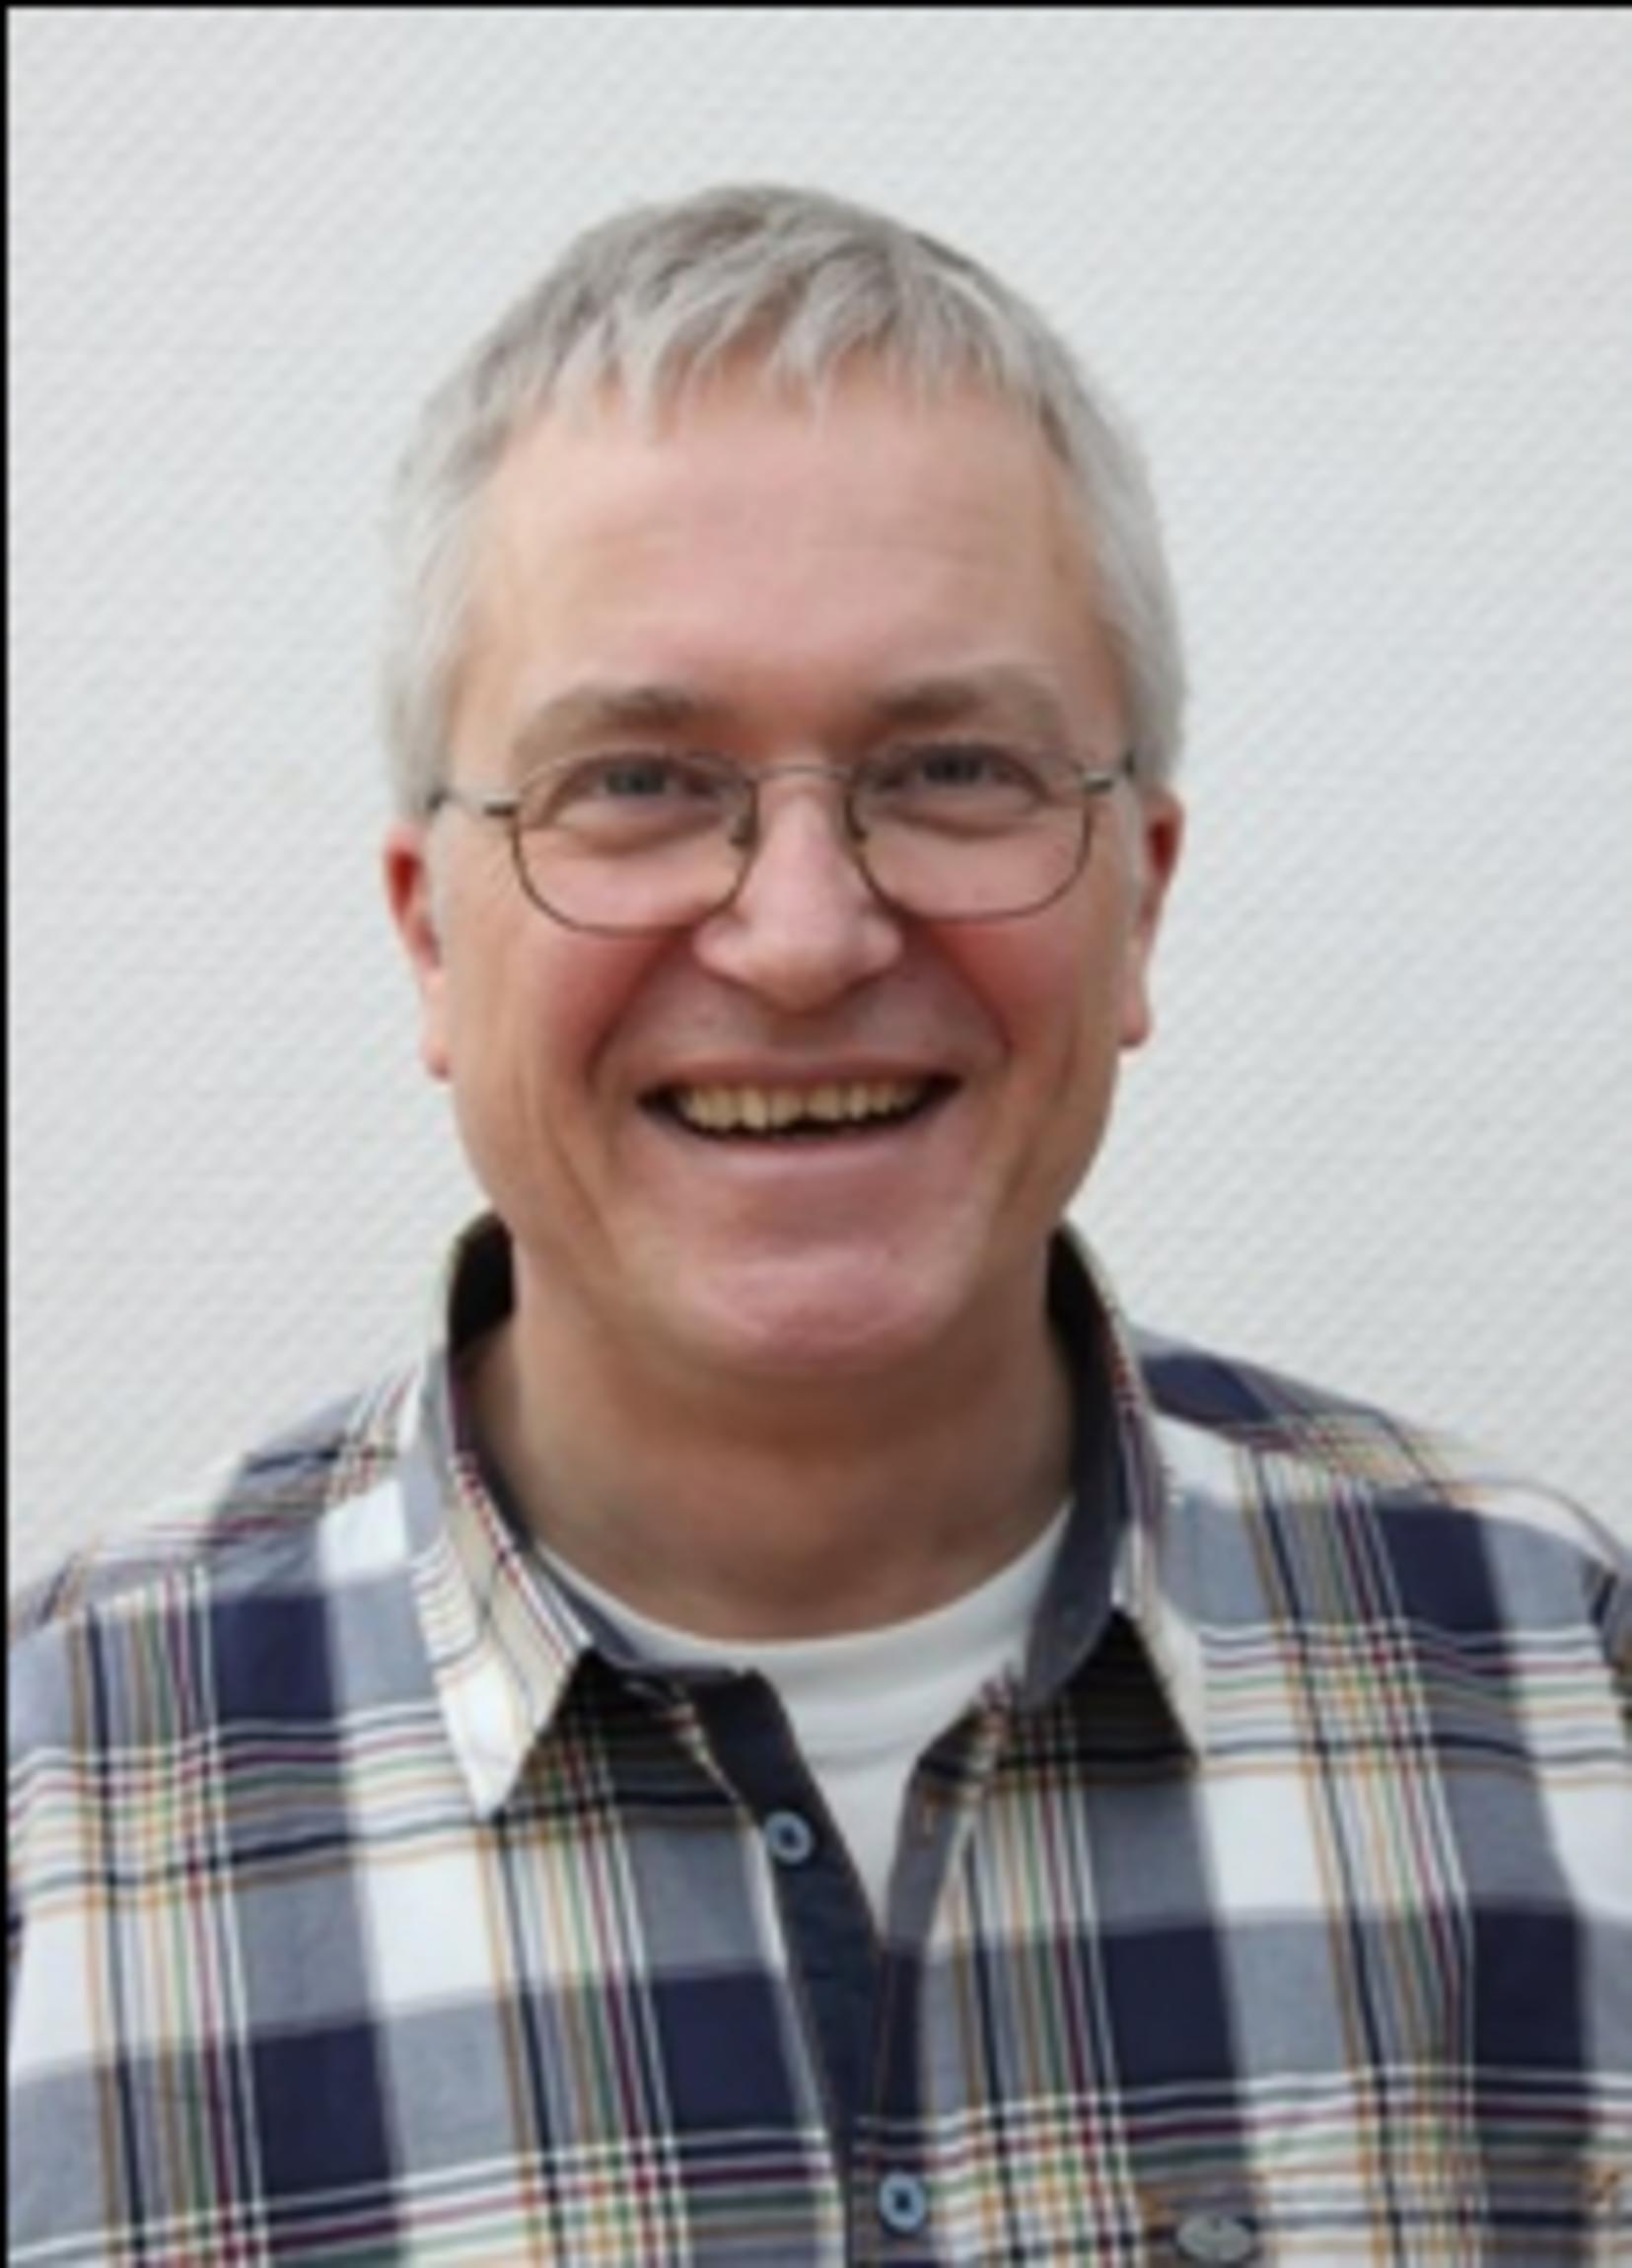 Matthias Fricke Zieseniß